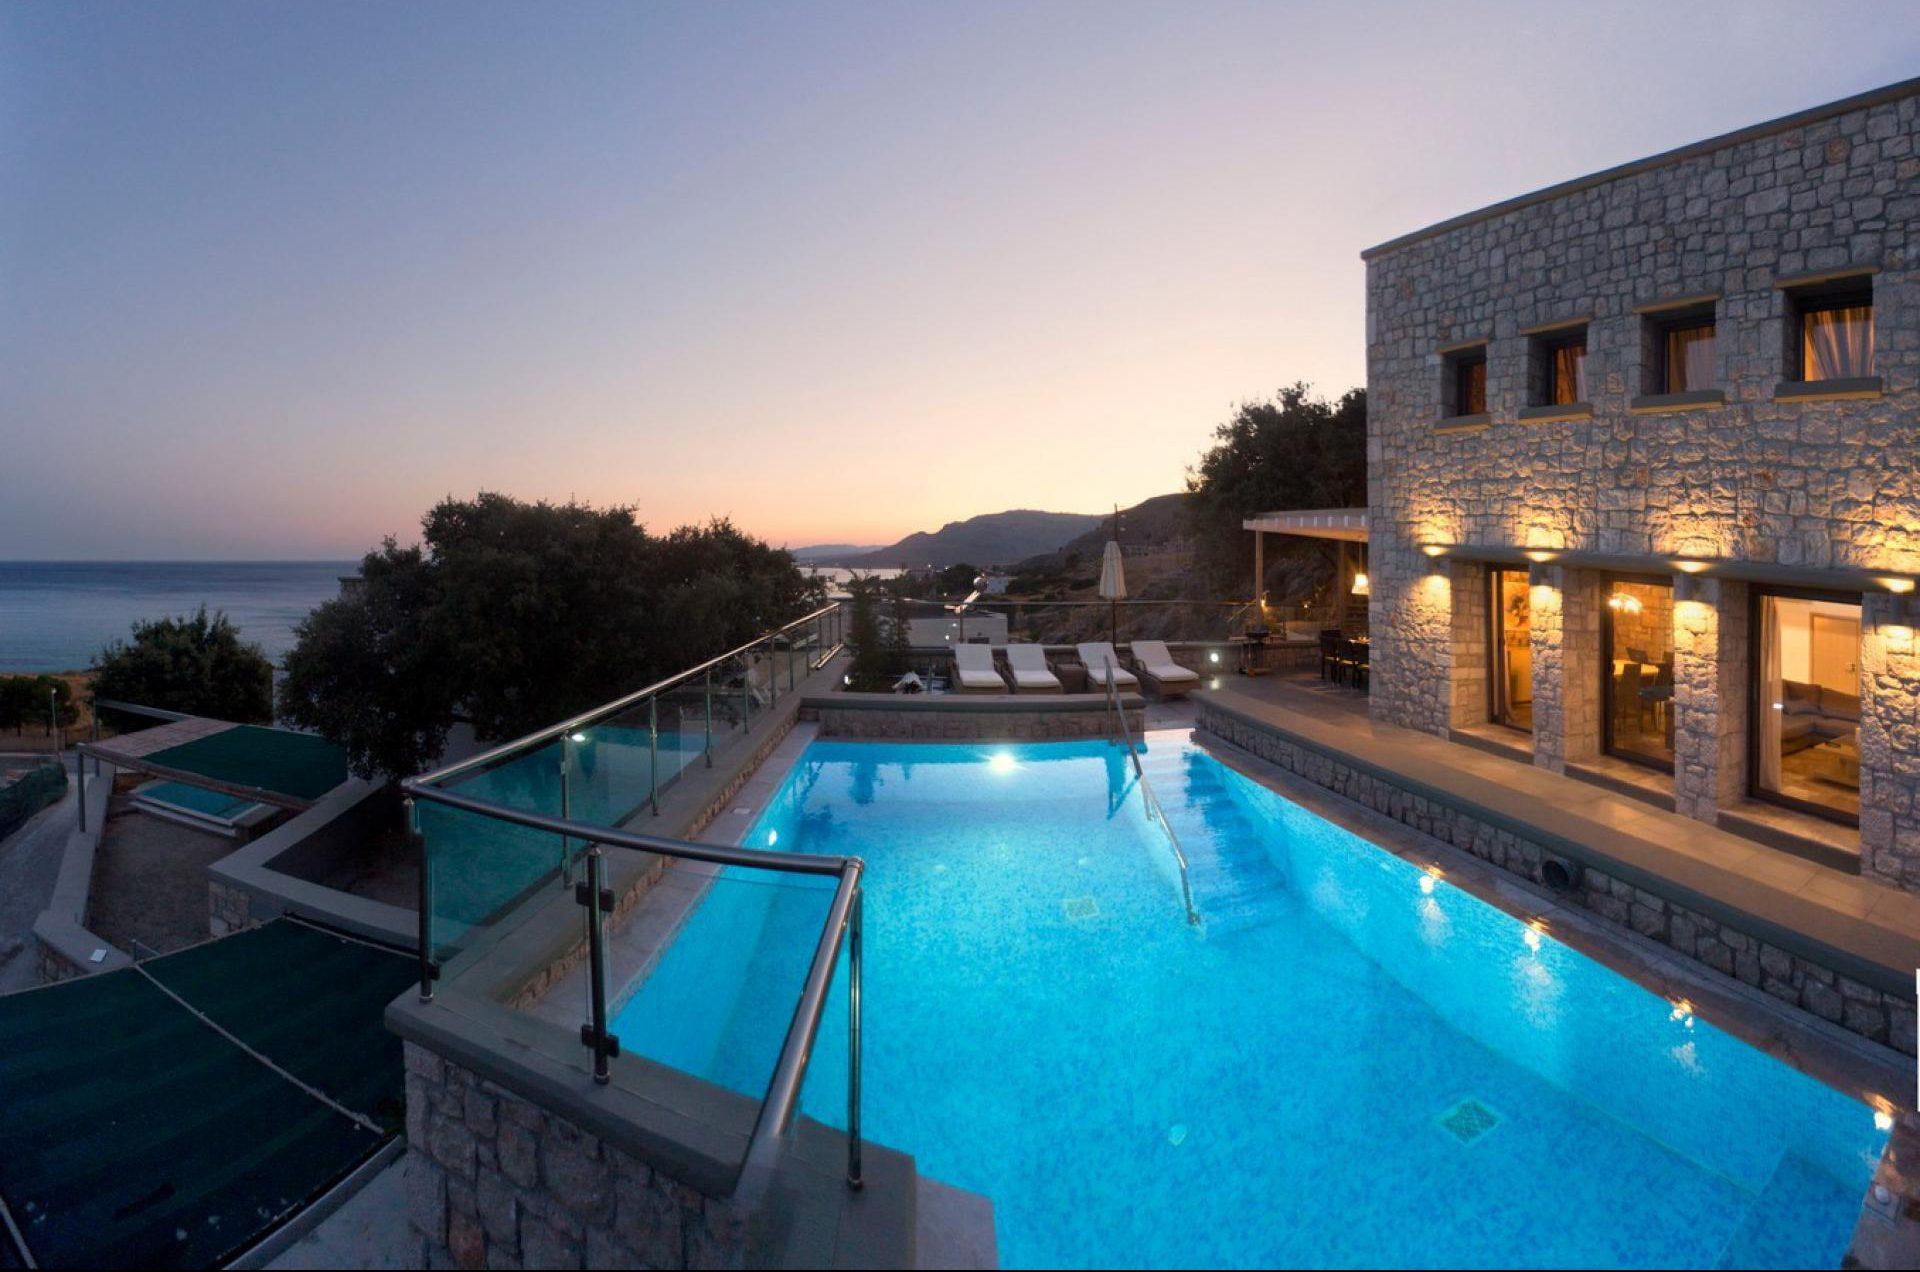 luxury villas pools rhodes